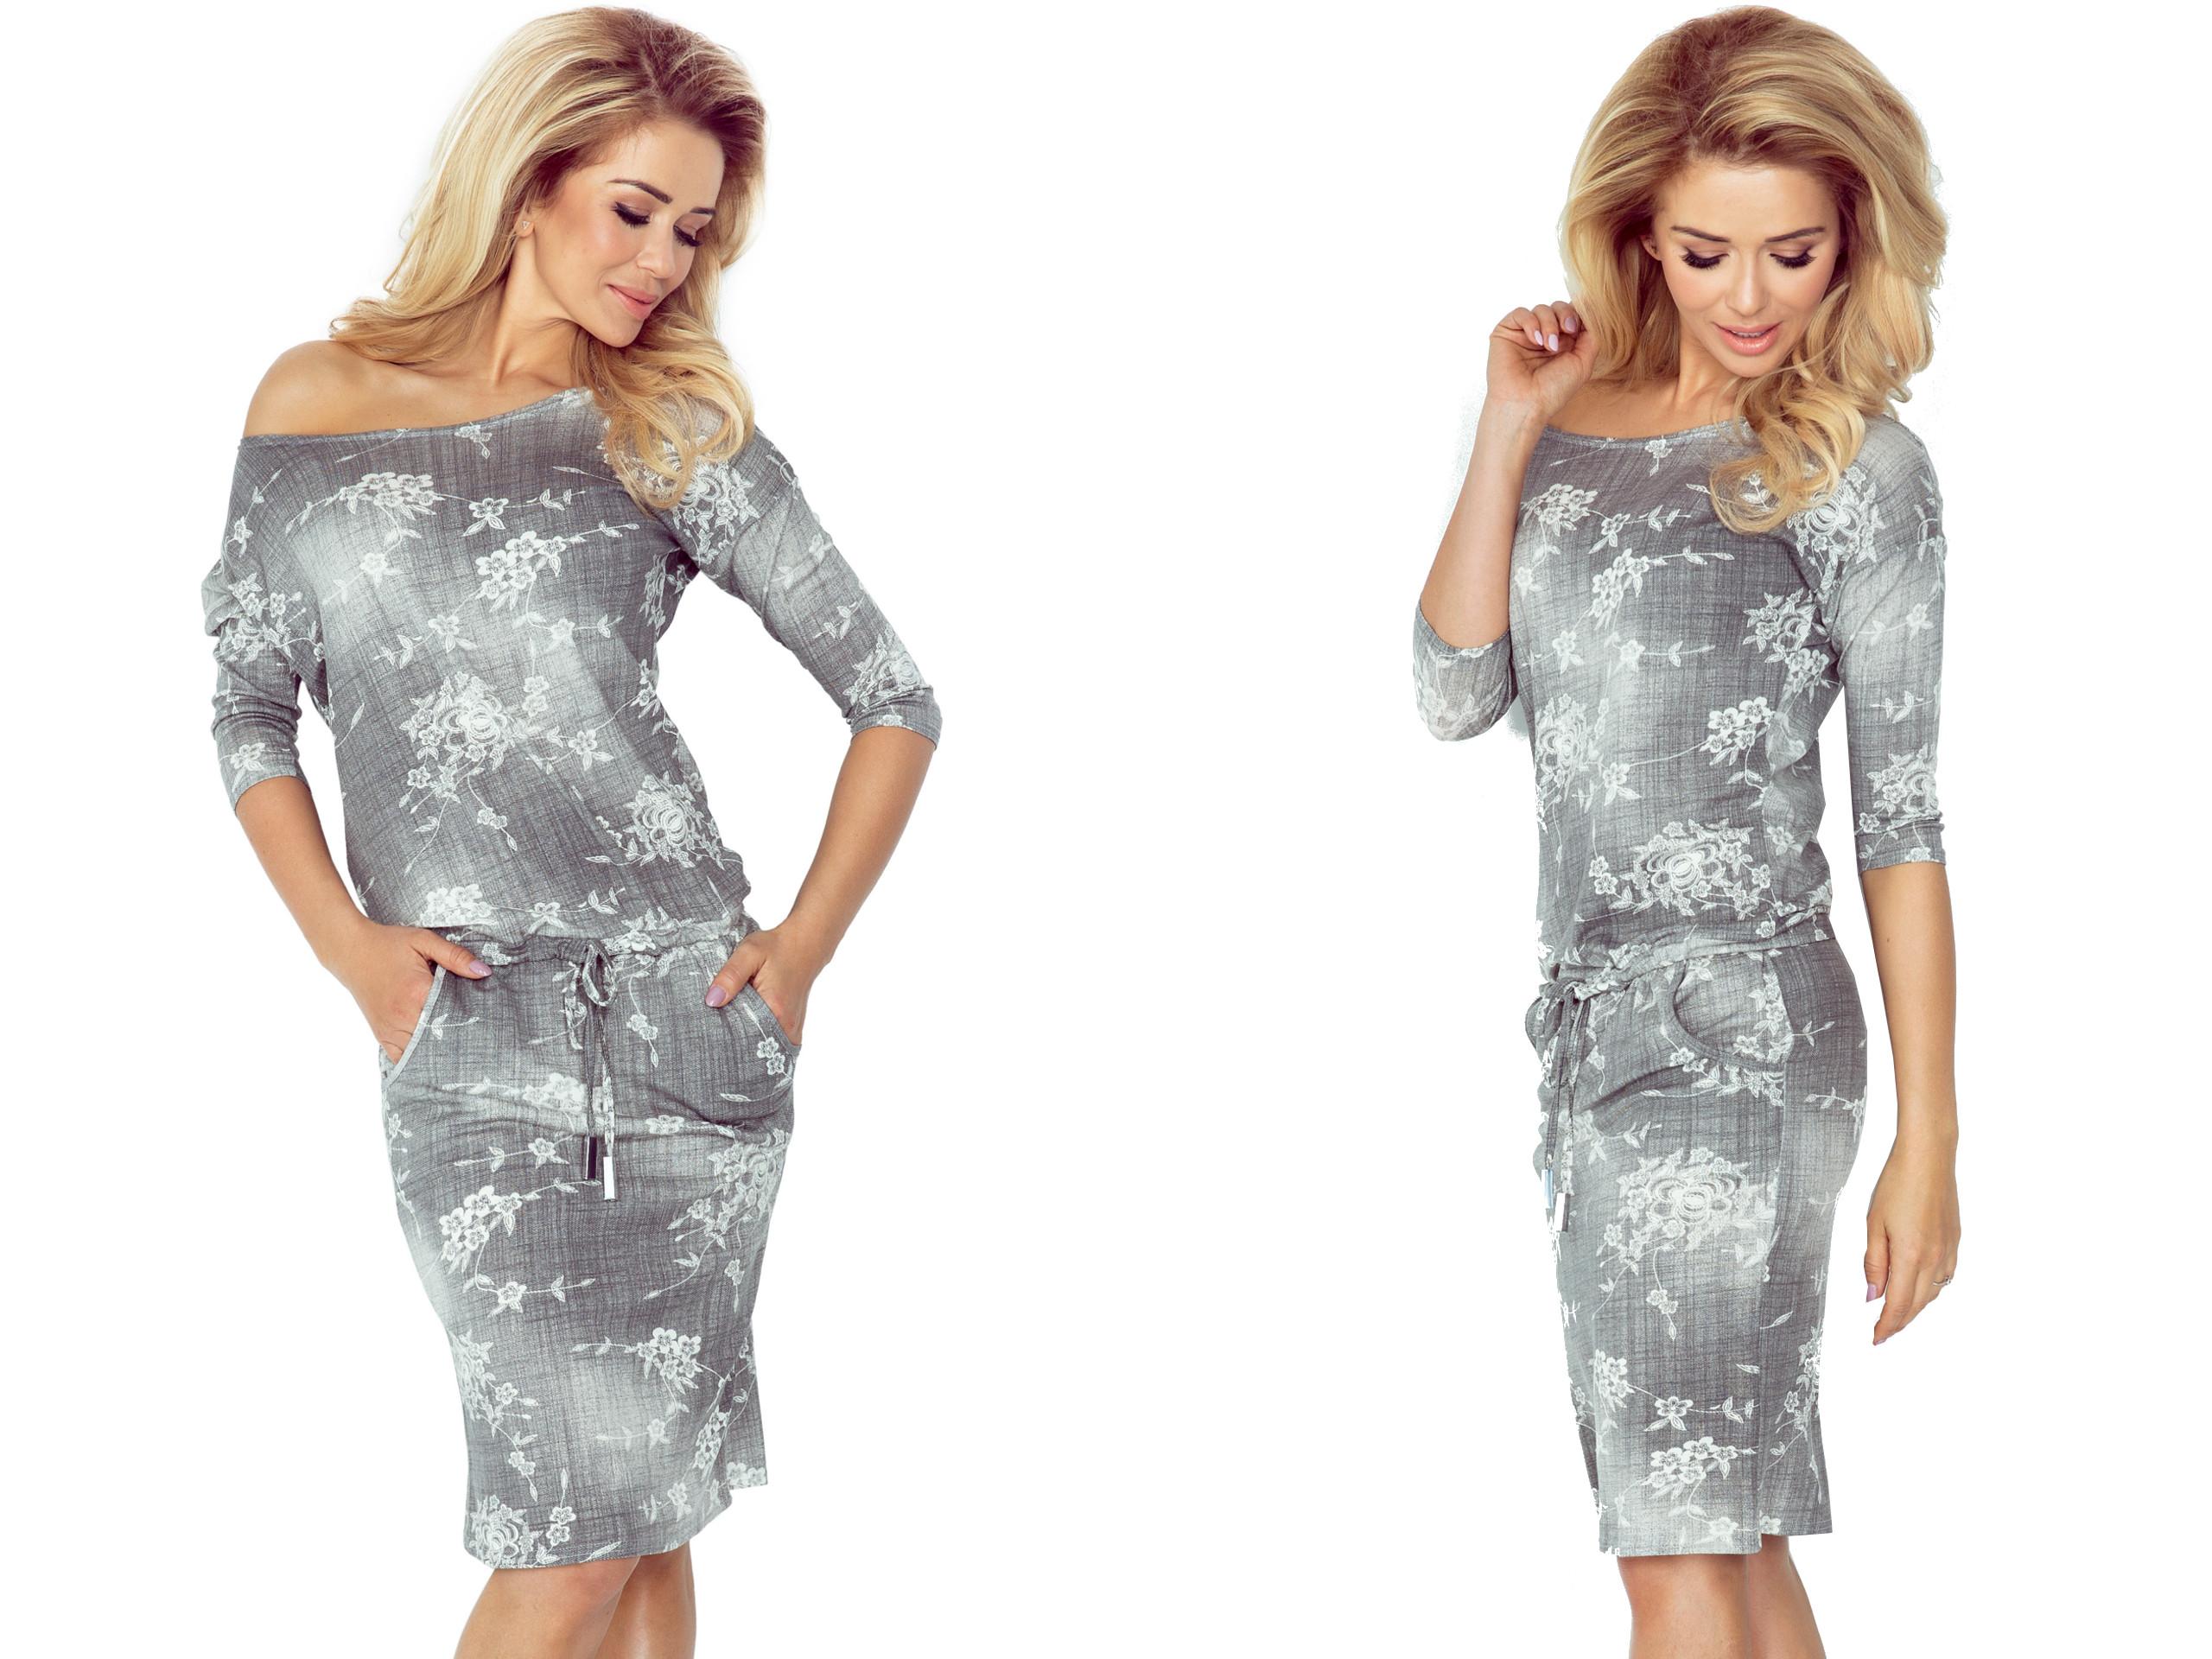 2bd17f7cb3 Sukienka Dla Puszystych DUŻE ROZMIARY 13-57 XXL 44 7399190524 - Allegro.pl